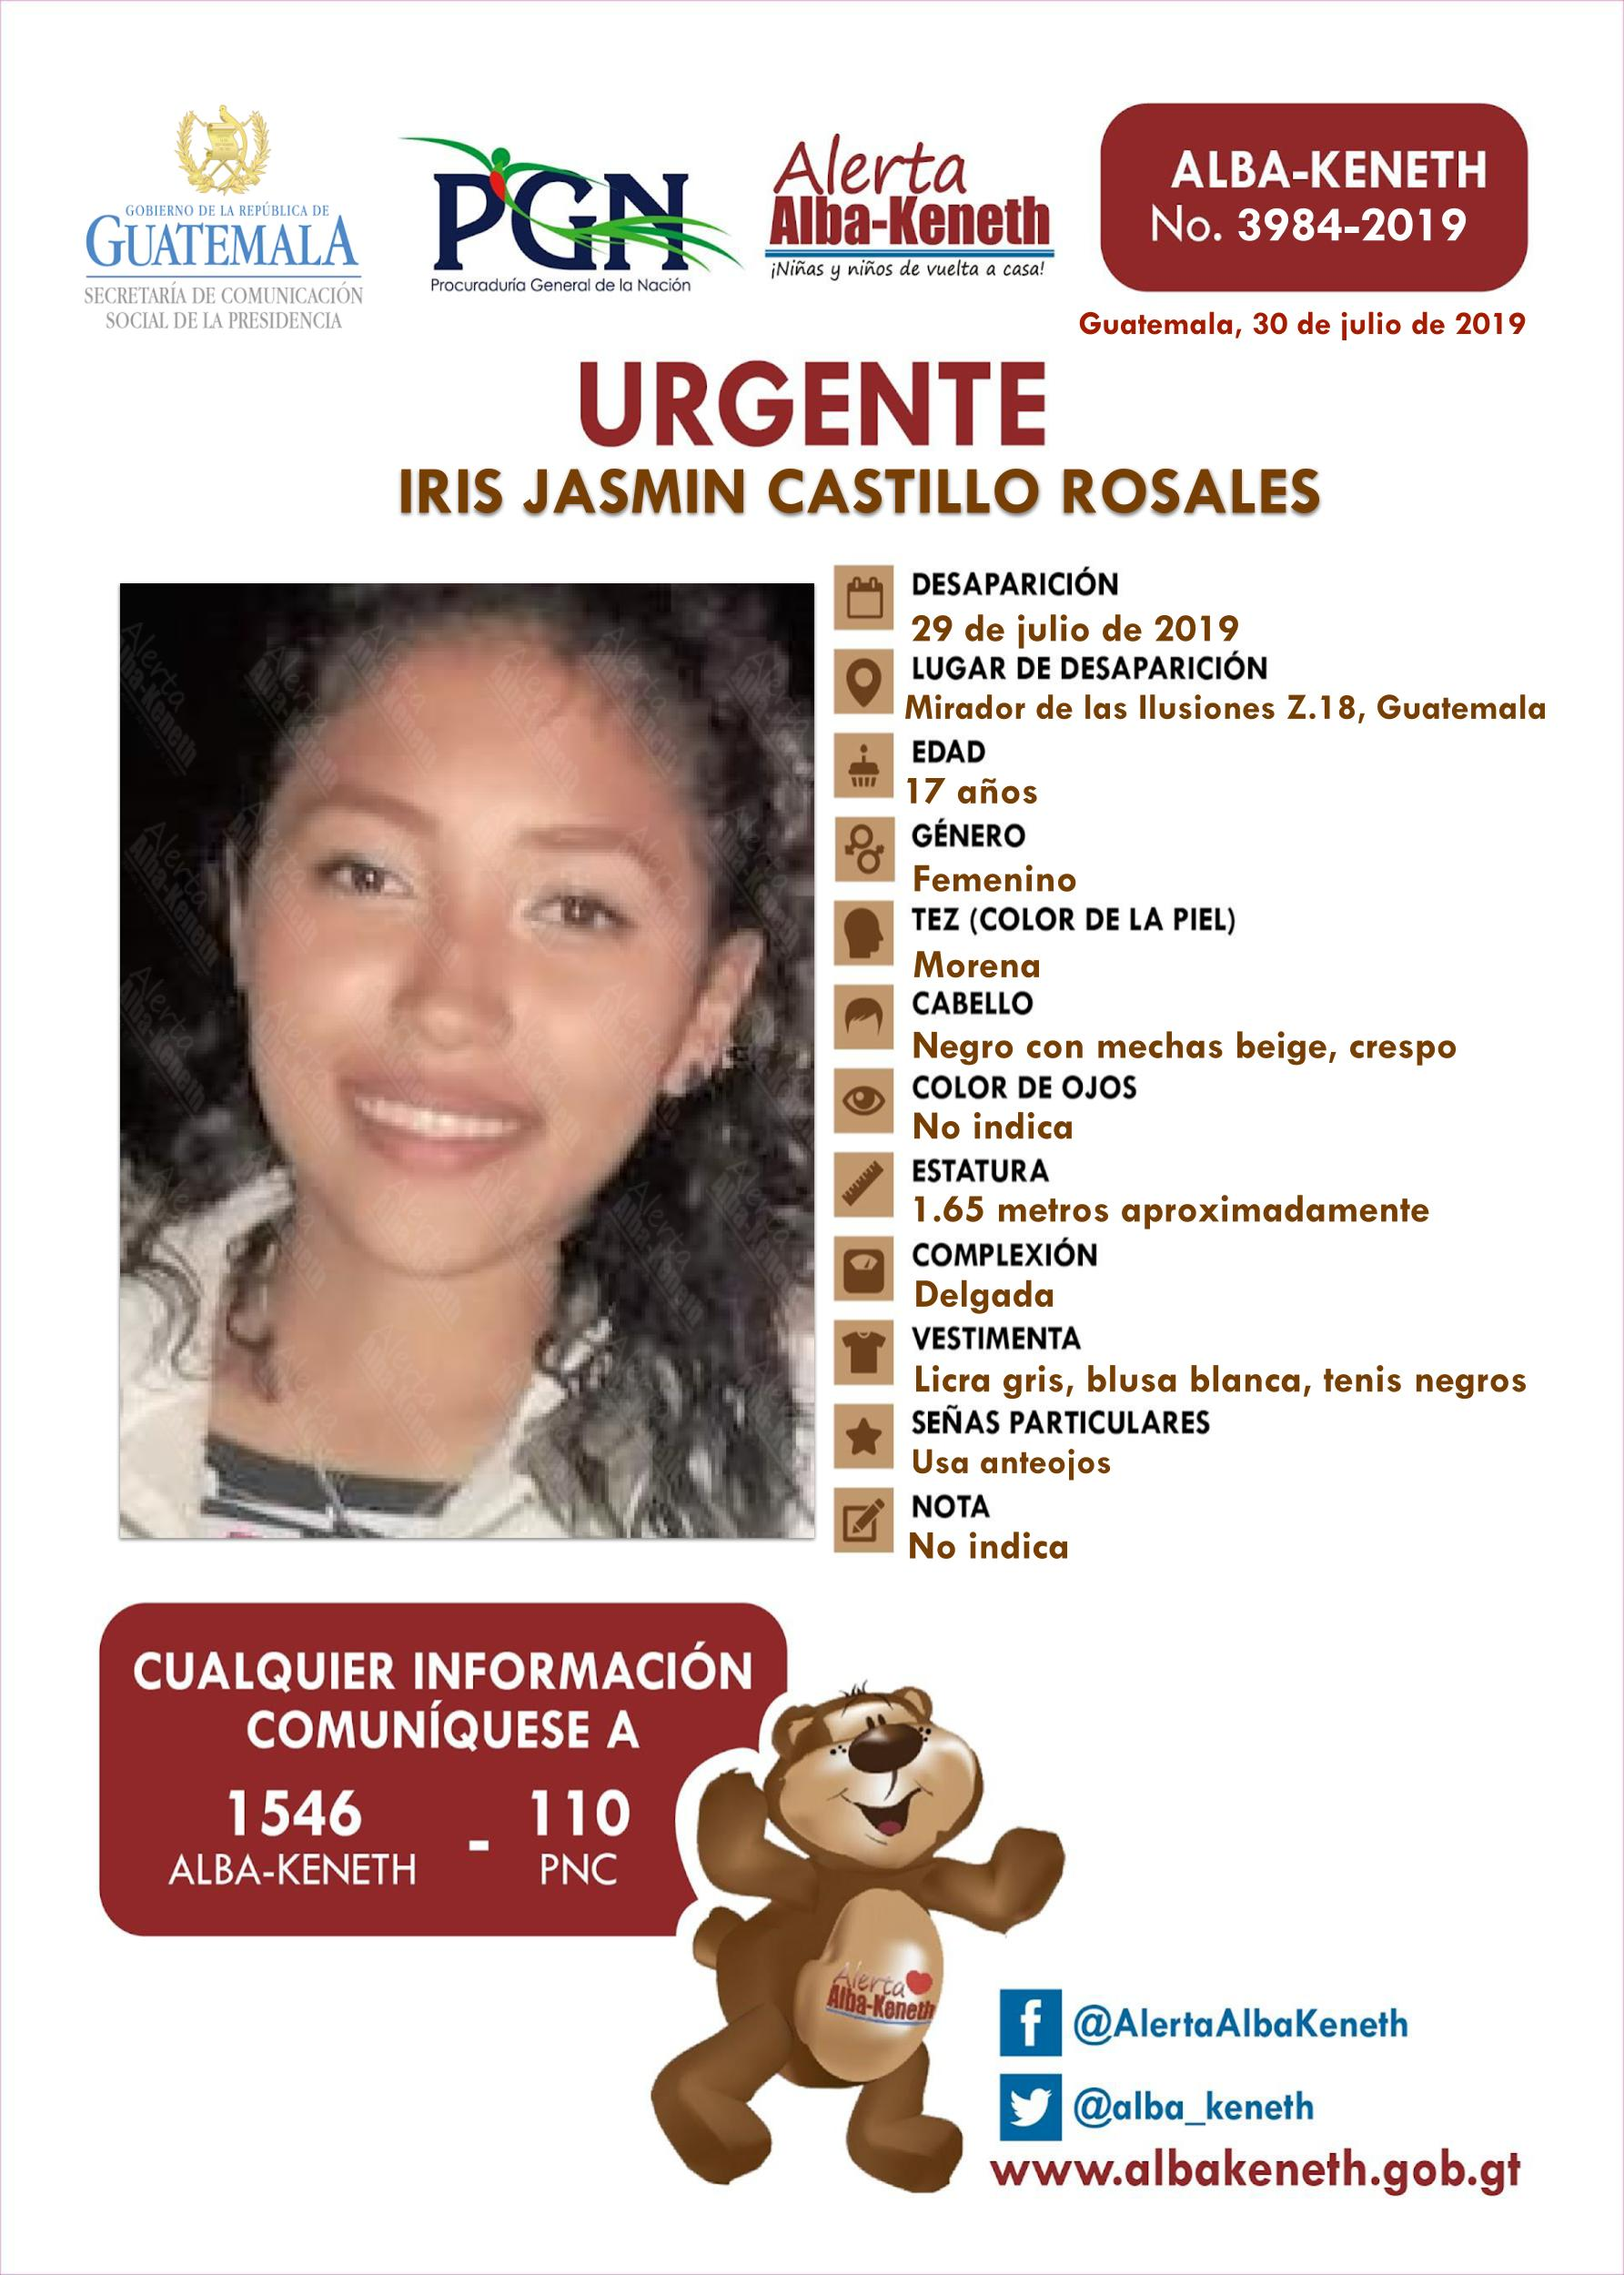 Iris Jasmin Castillo Rosales